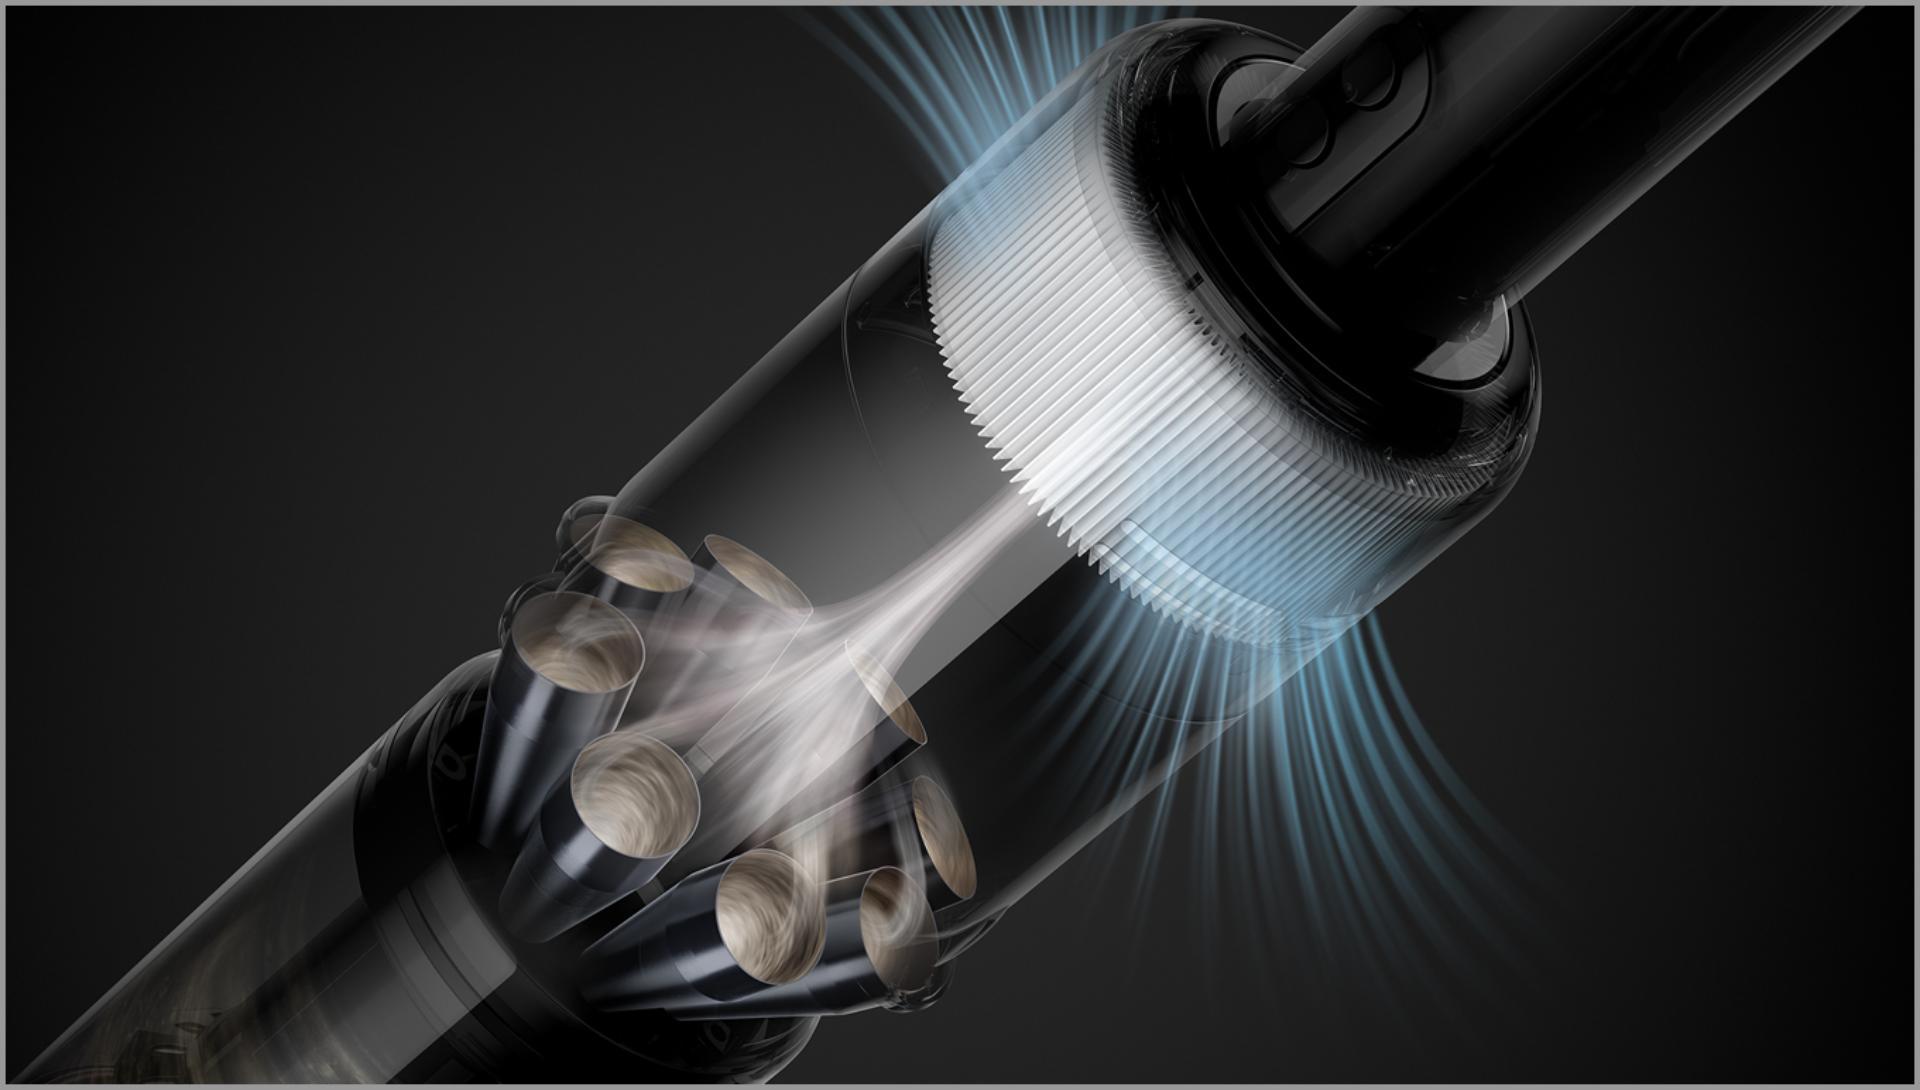 שיטת בדיקה סטנדרטית לקביעת יעילות הסינון הראשונית של מערכת שואבי אבק.